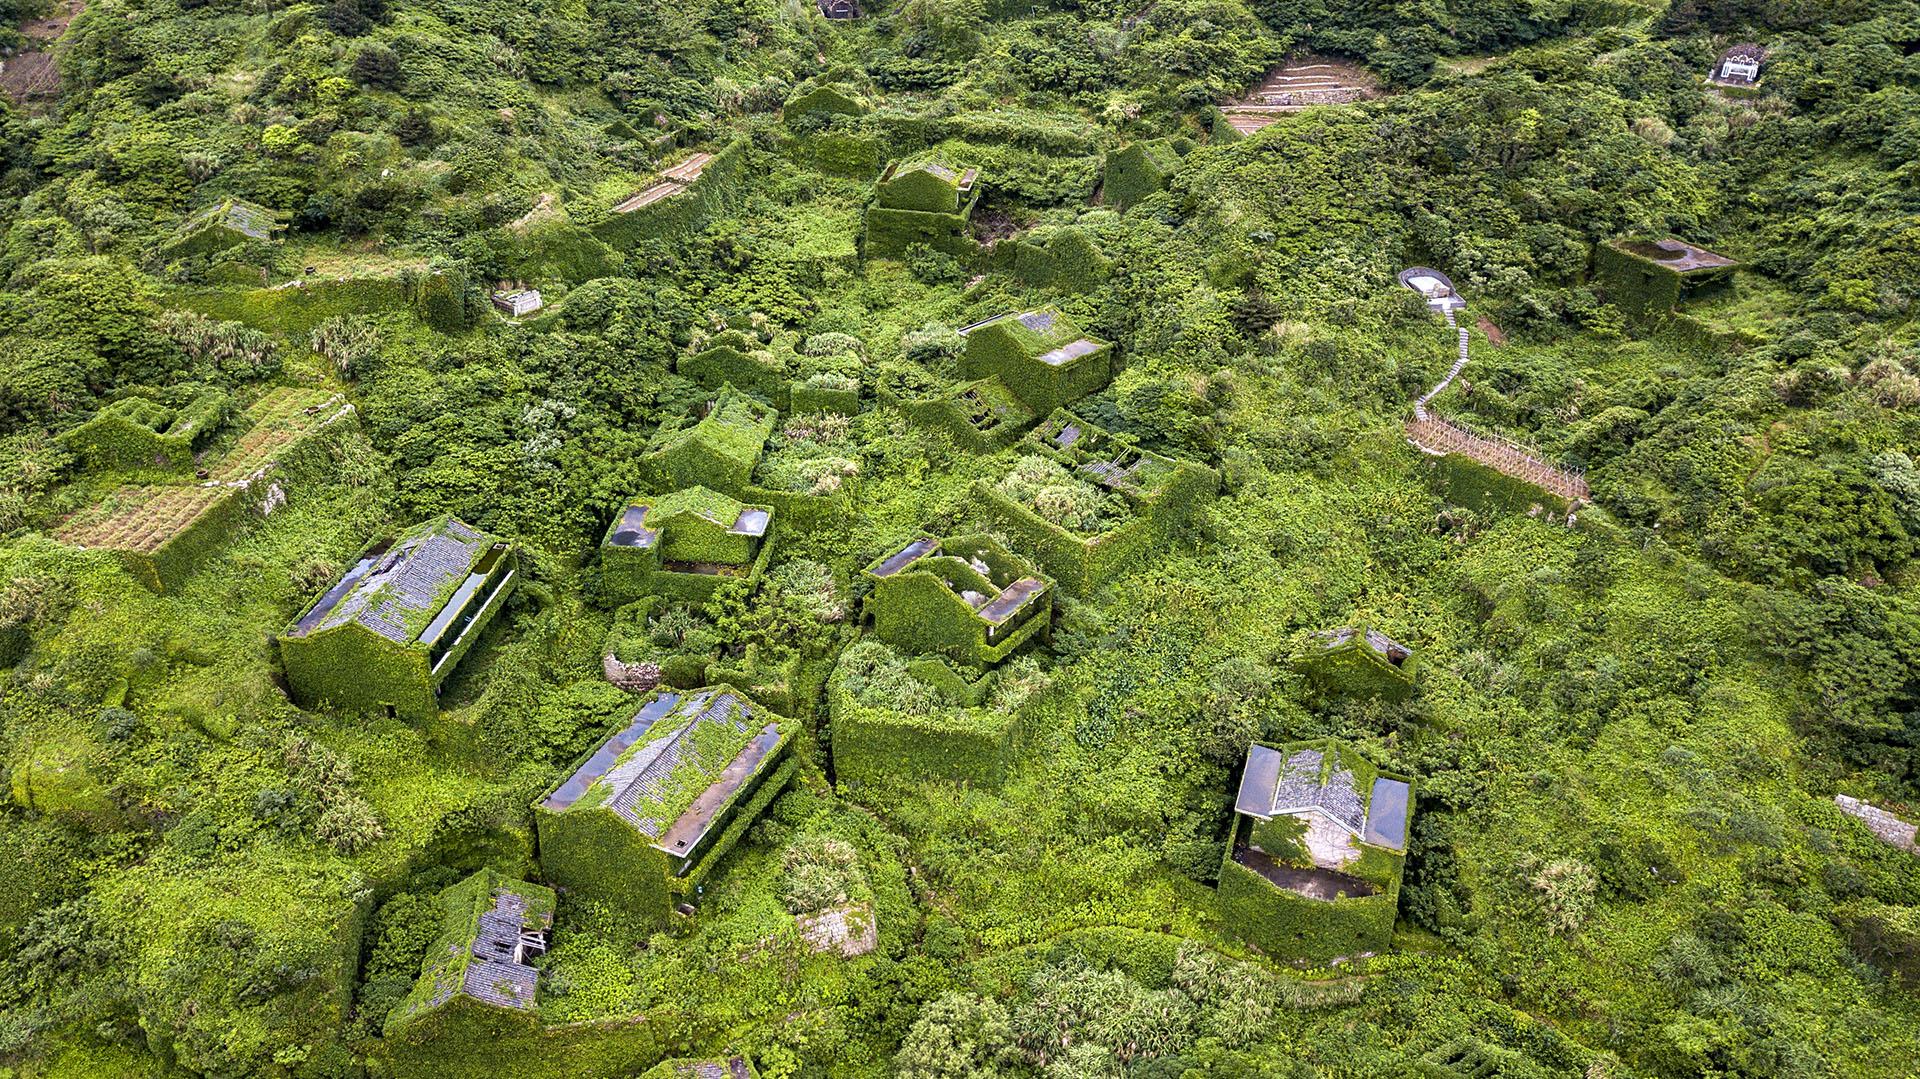 Hutuwan albergaba antaño una comunidad próspera de 2.000 pescadores en la isla de Shengshan